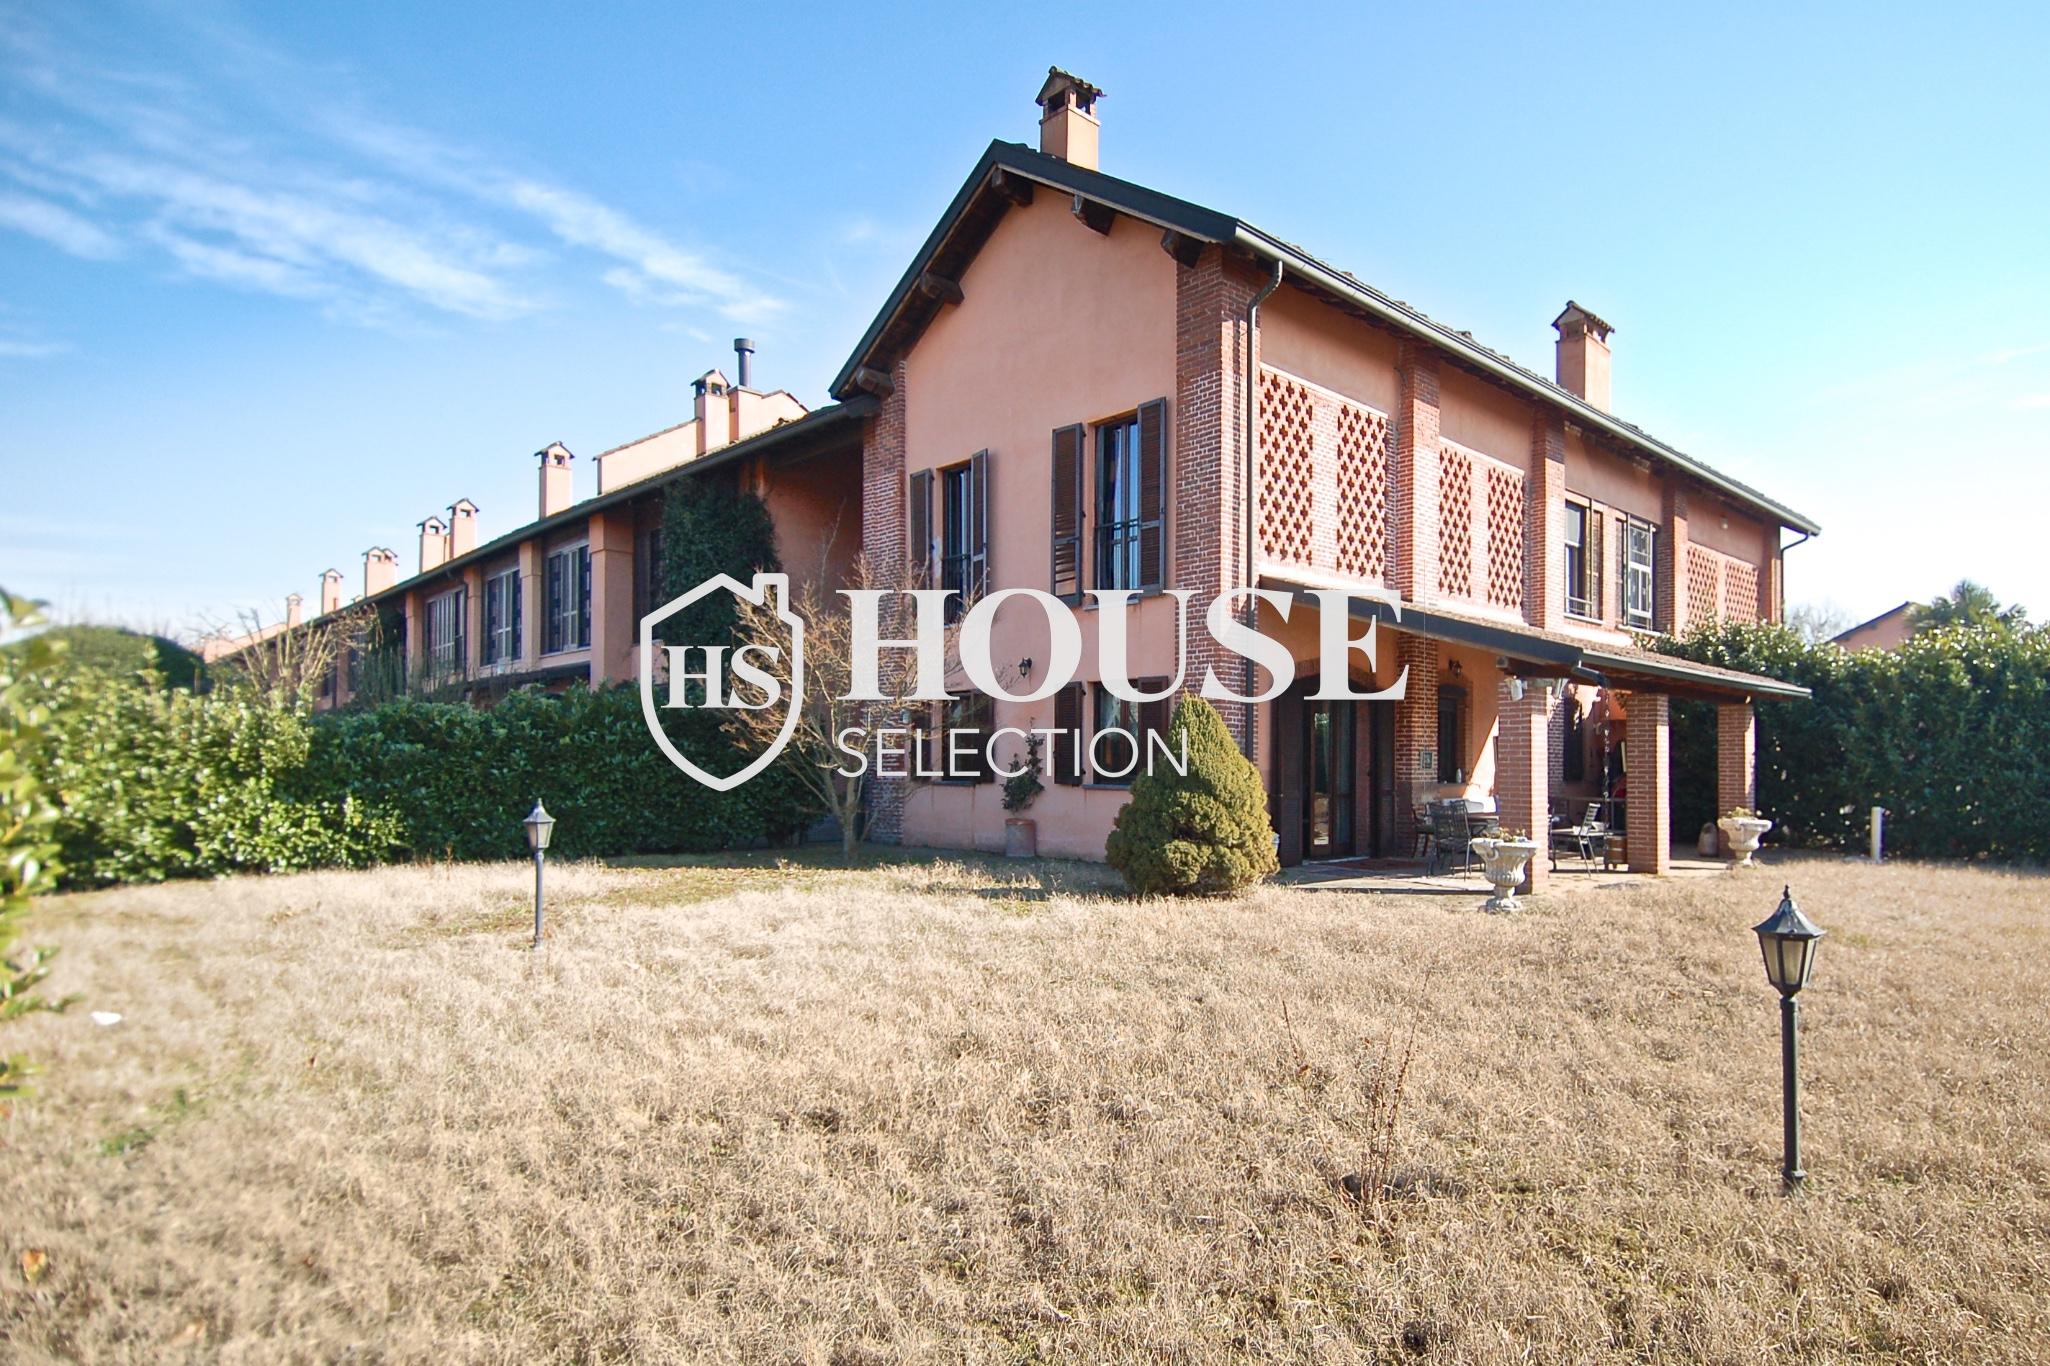 Affitto villa Basiglio, con giardino, ristrutturata, aria condizionata, corte interna, box auto, Milano 16